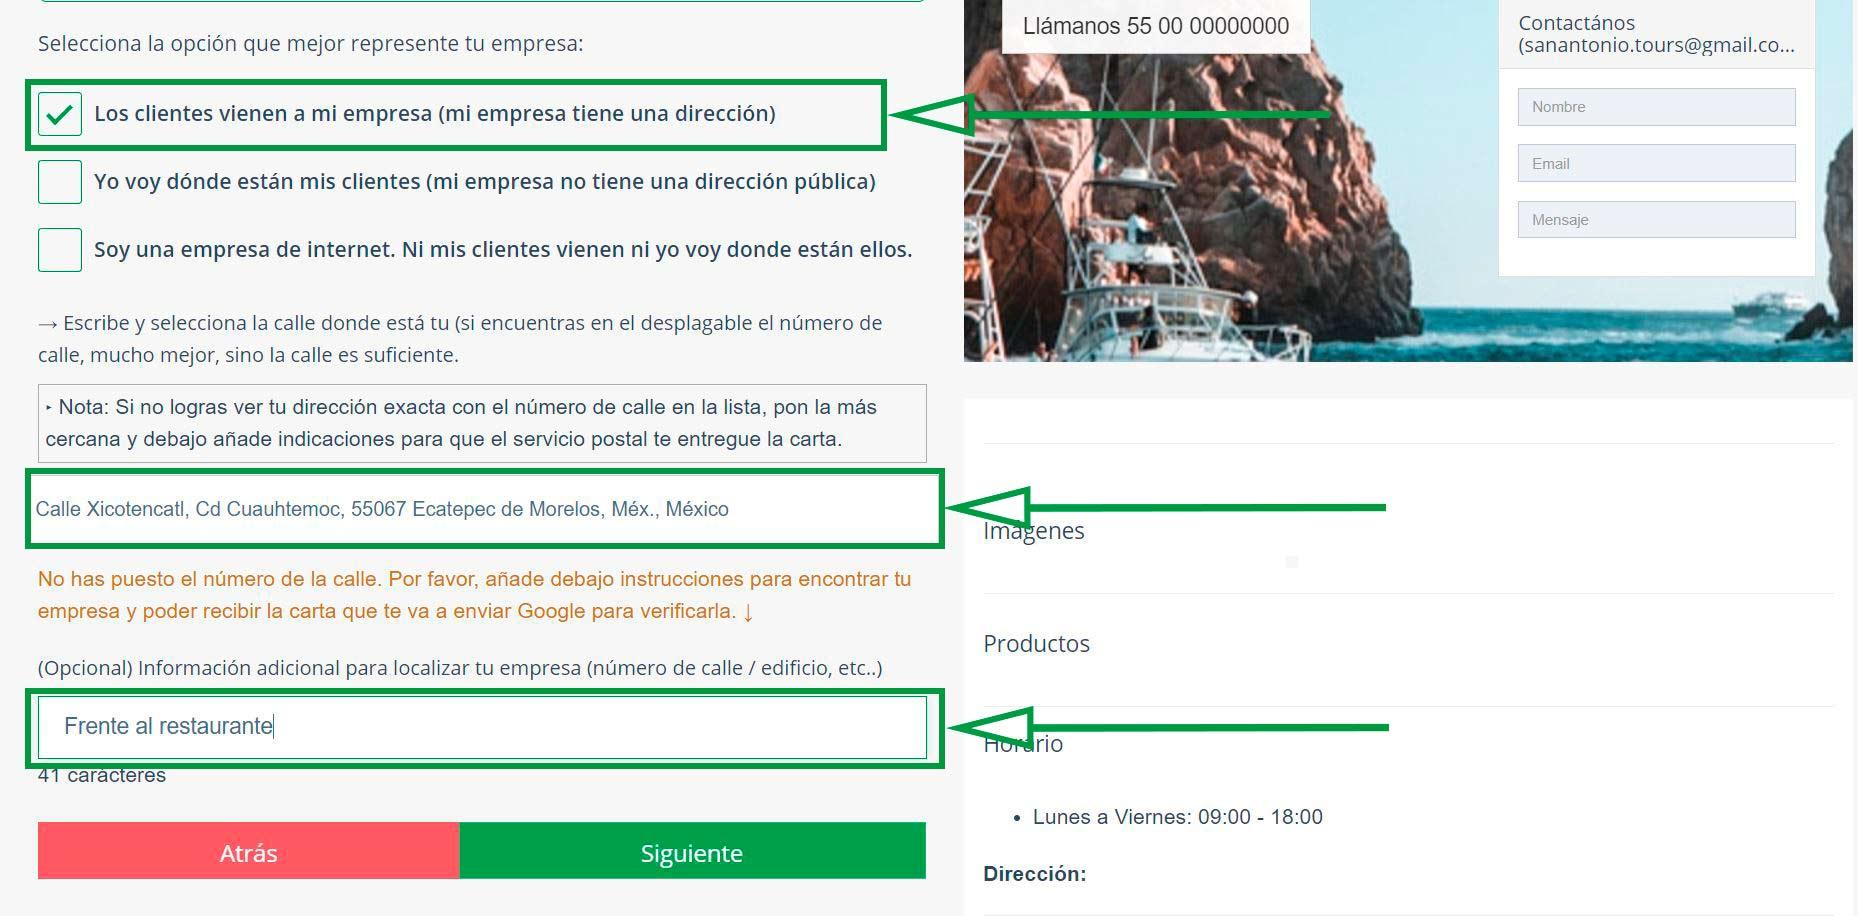 Crear página web para turismo. Los clientes vienen a mi empresa